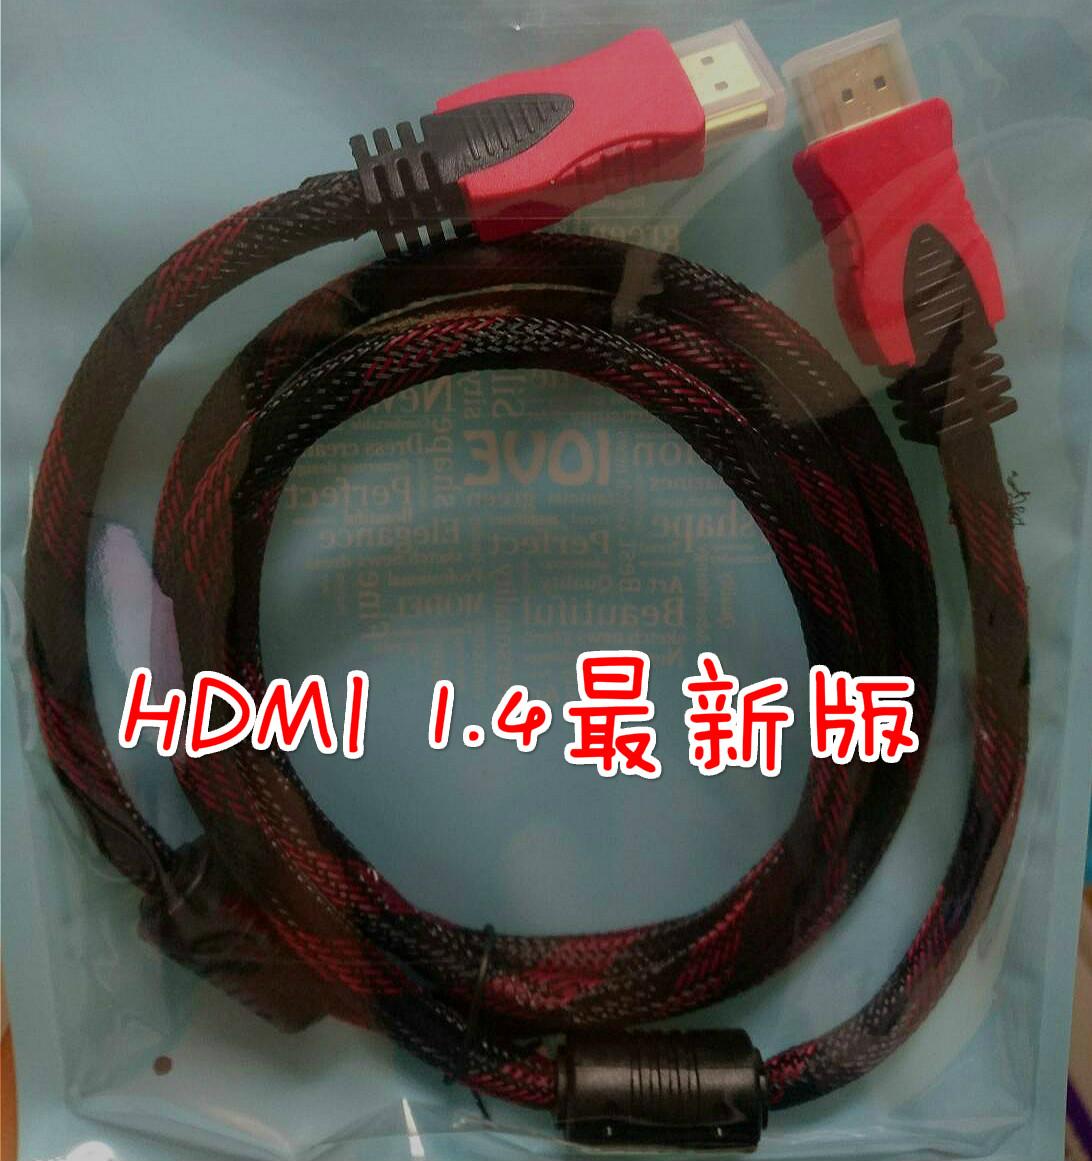 ?含發票?團購價?HDMI?HDMI1.4新版HDMI1.5m傳輸線高畫質電視DV筆記型電腦攝影機單眼相機電腦液晶電視LCD電視